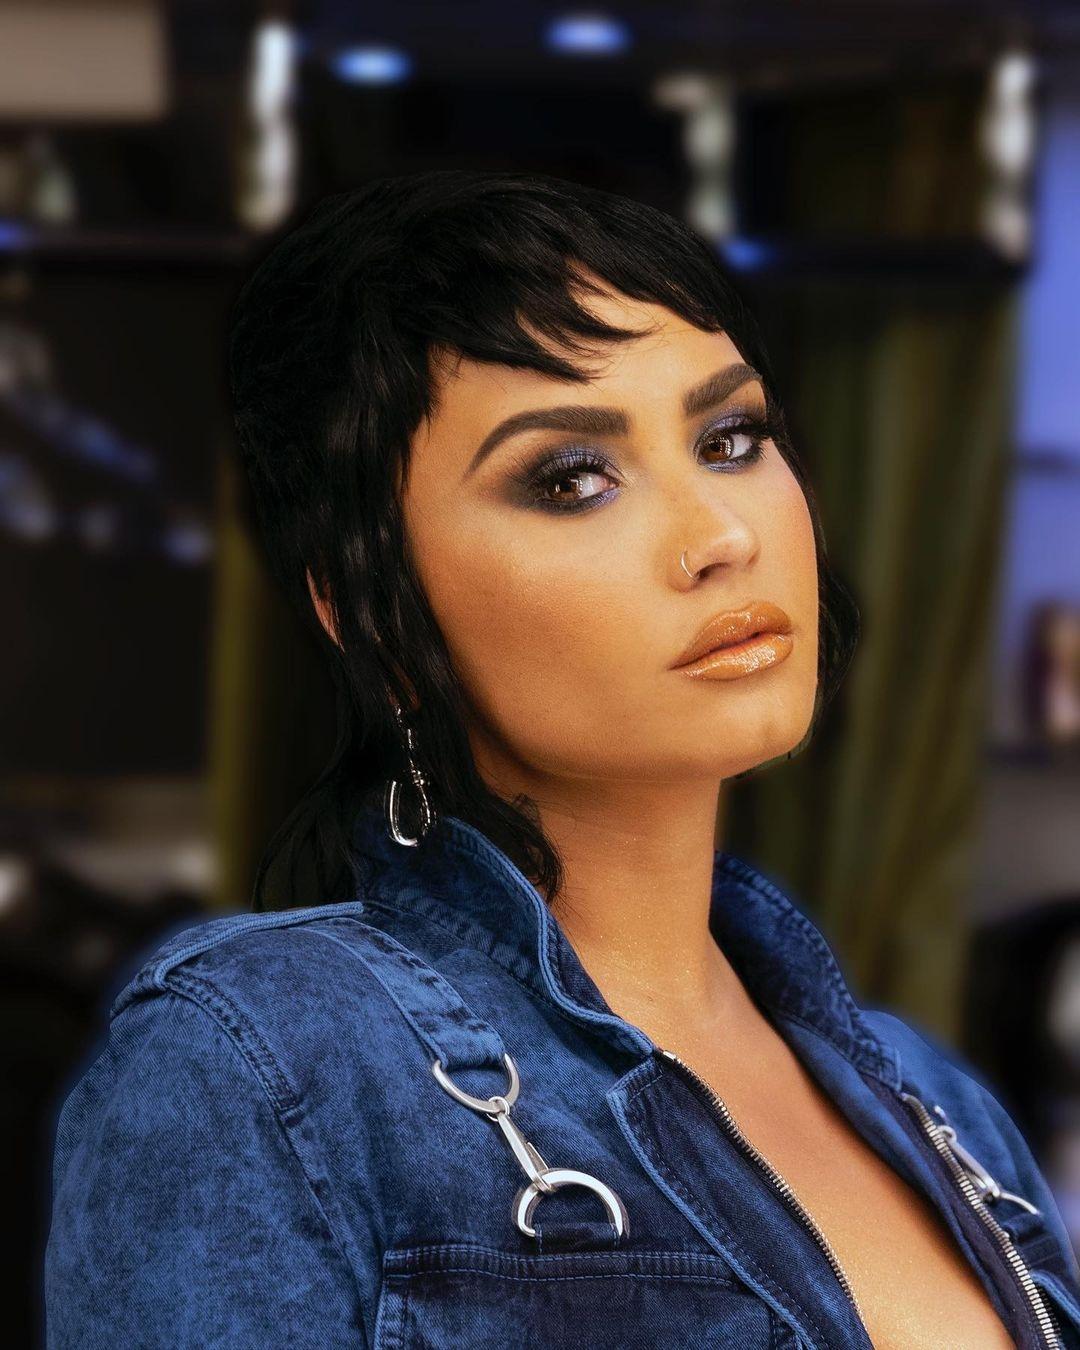 Певица Деми Ловато заявила, что может стать трансгендером - фото №2